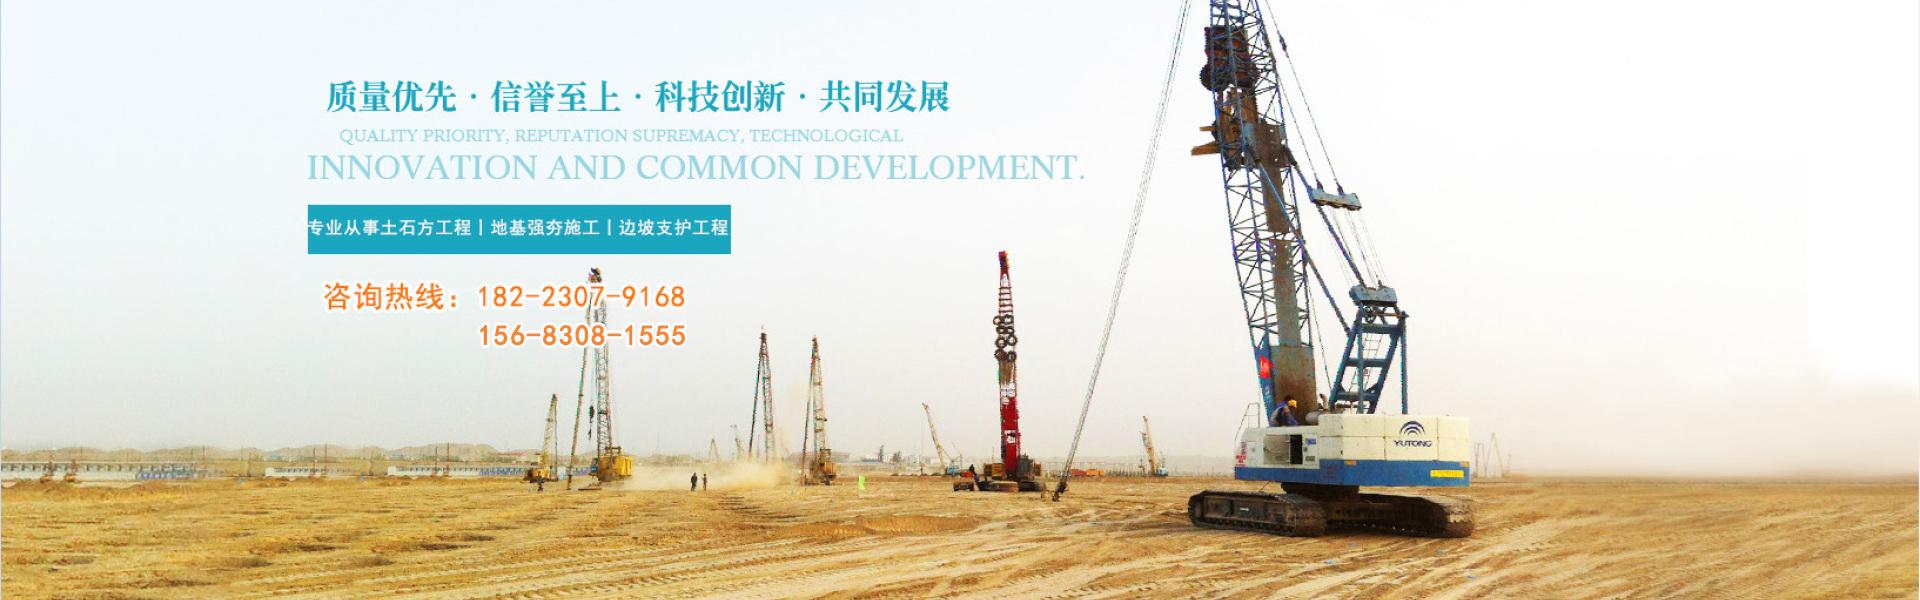 质量优先、信誉至上、科技创新、共同发展:专业从事重庆土石方工程、重庆地基强夯施工、重庆边坡支护工程。咨询热线:182-2307-9168   156-8308-1555